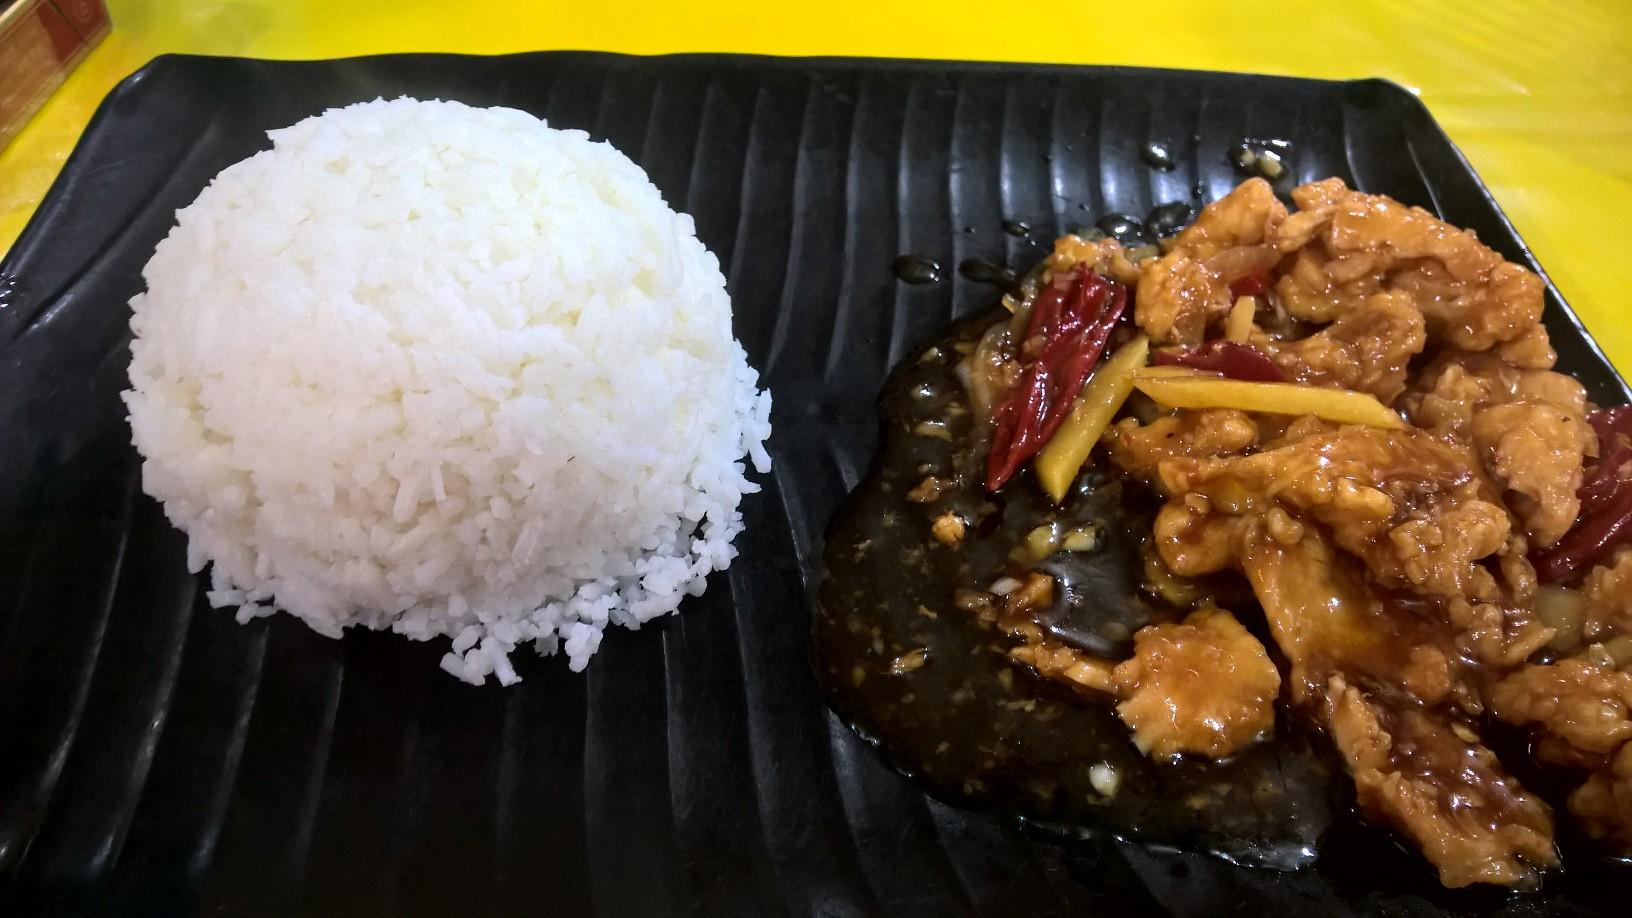 Kínai beülős hely. Miniadag rizs mellett, 10 ringgit körüli áron. Citromos csirke.